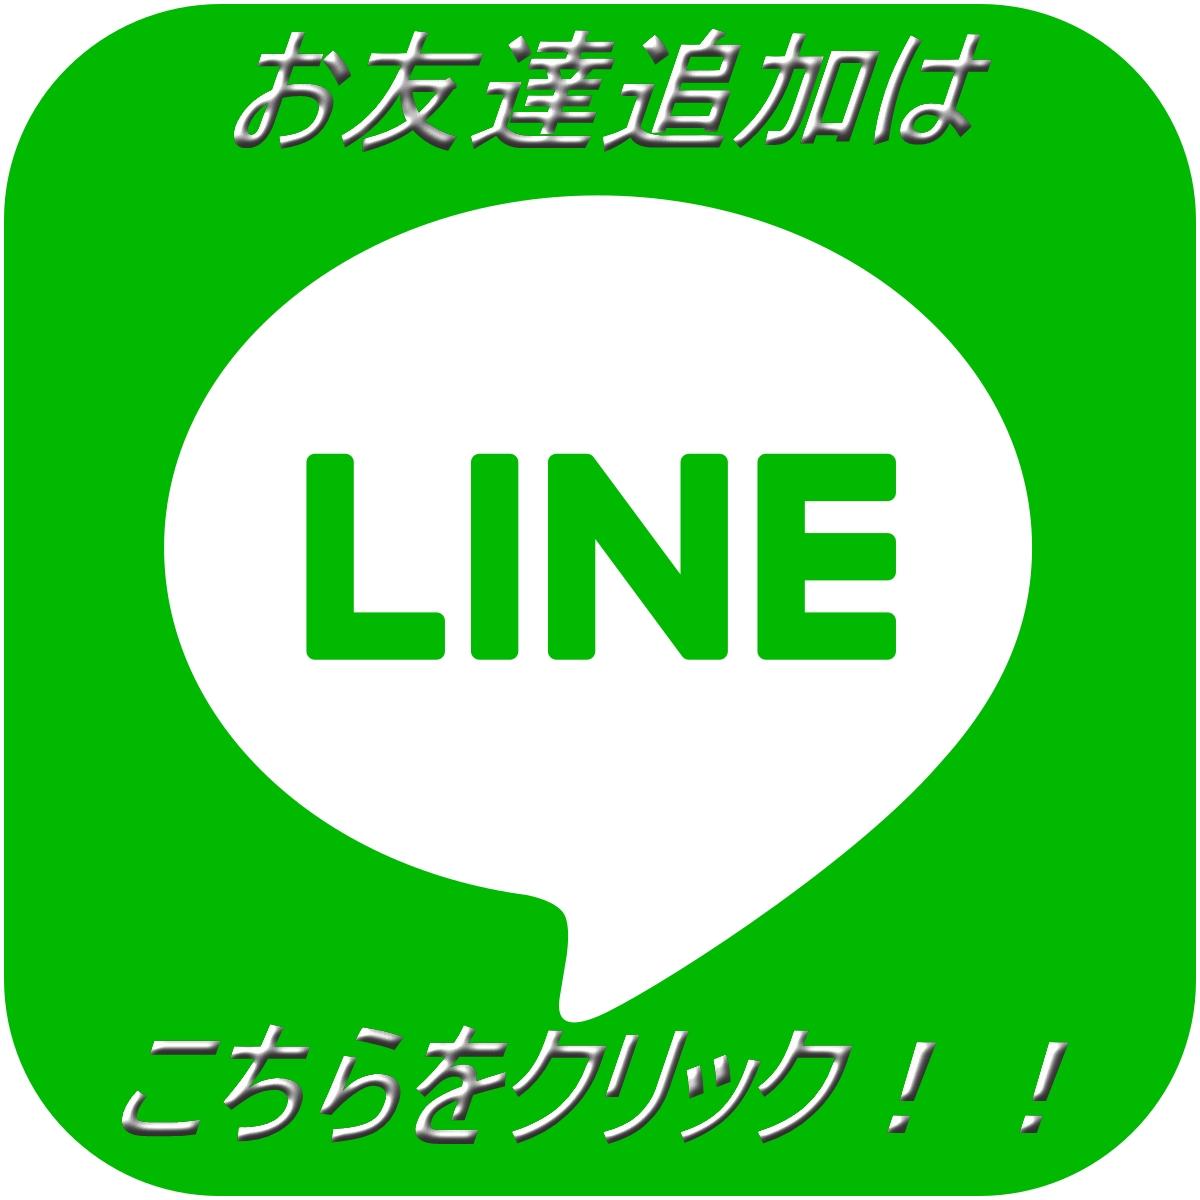 LINE追加はこちらをクリック